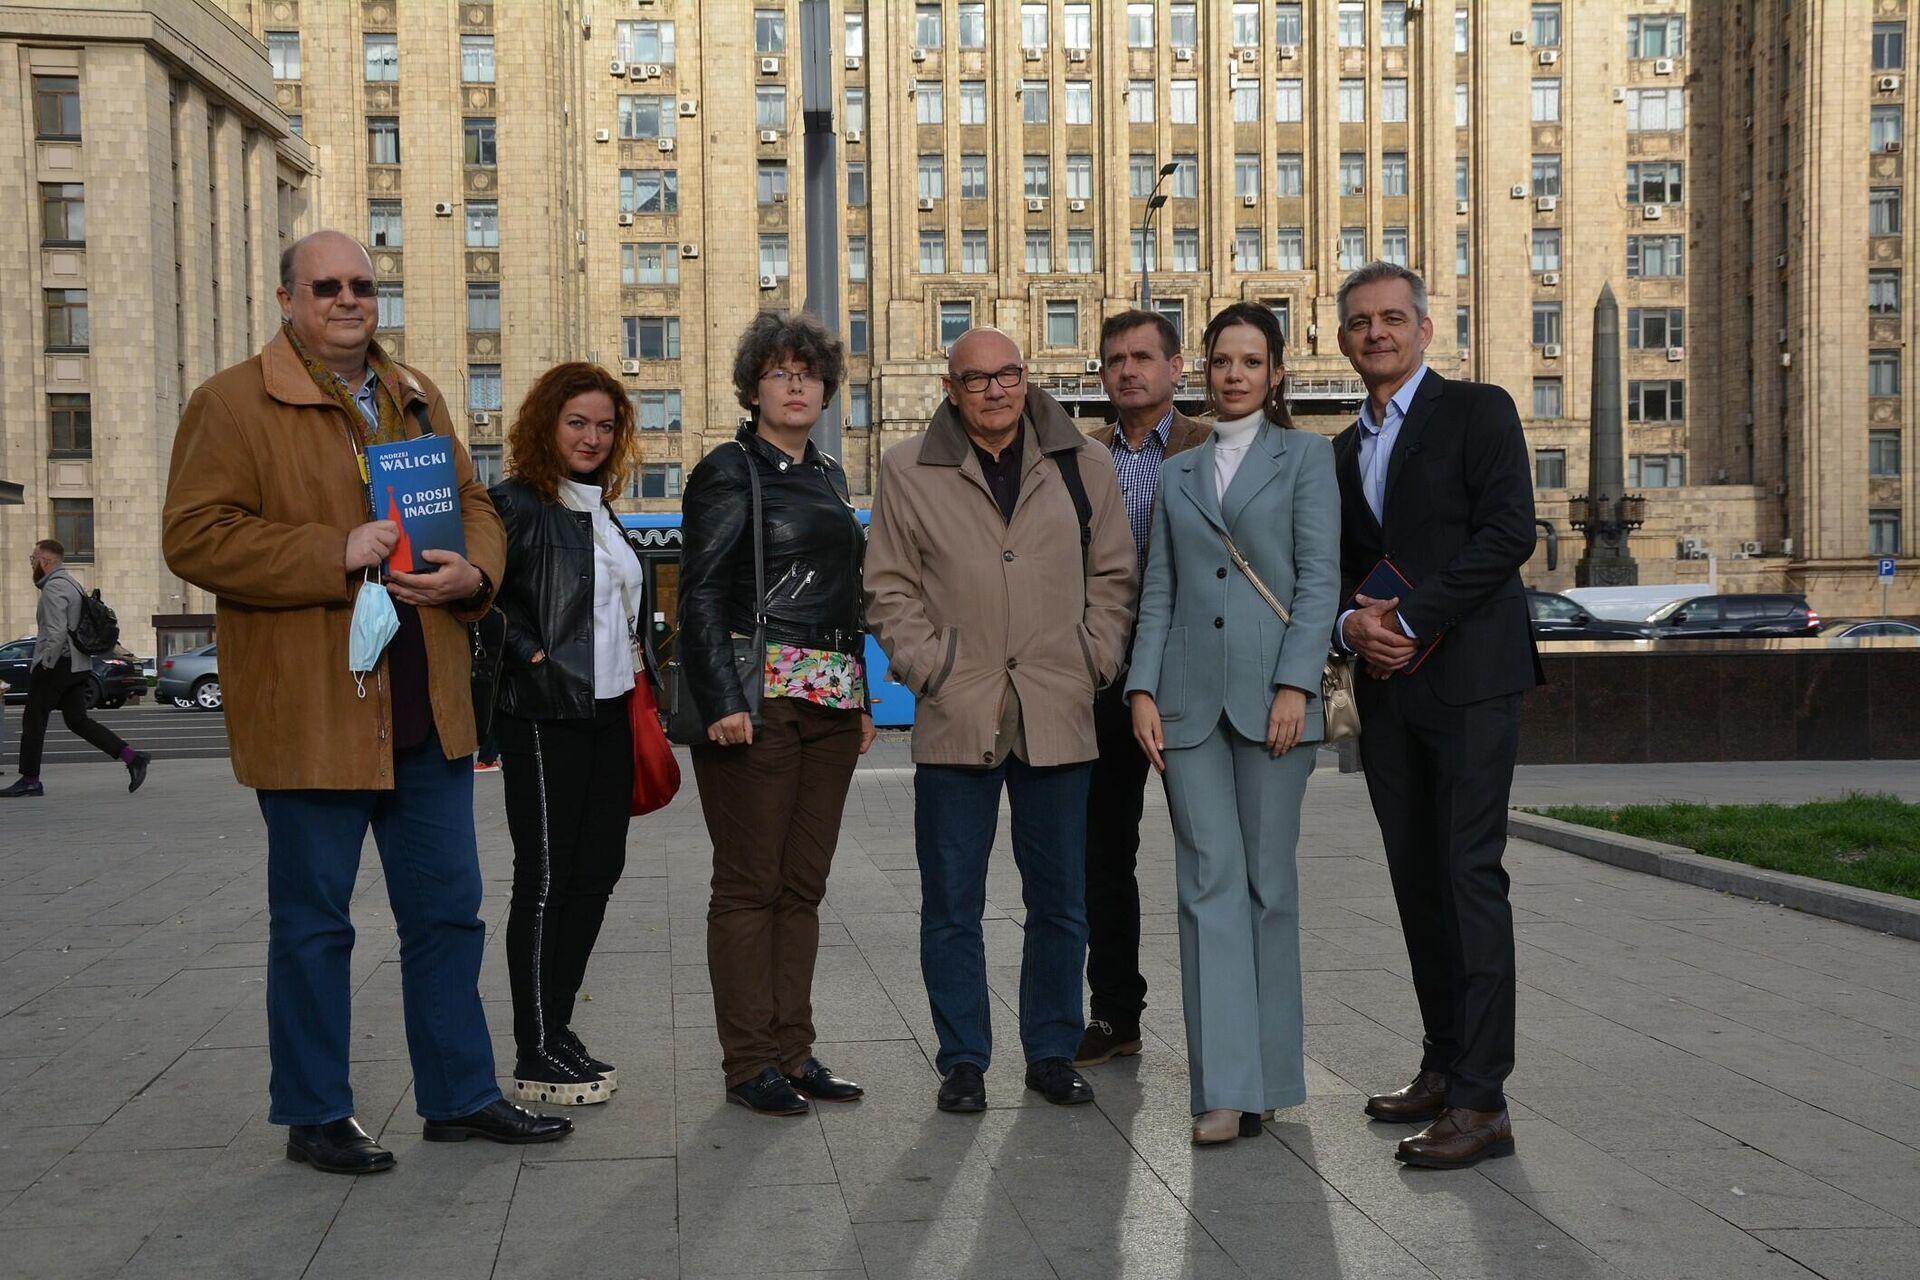 Grupa dziennikarzy z Polski przed budynkiem MSZ Rosji po spotkaniu z Marią Zacharową. Wrzesień 2021 r. - Sputnik Polska, 1920, 21.09.2021